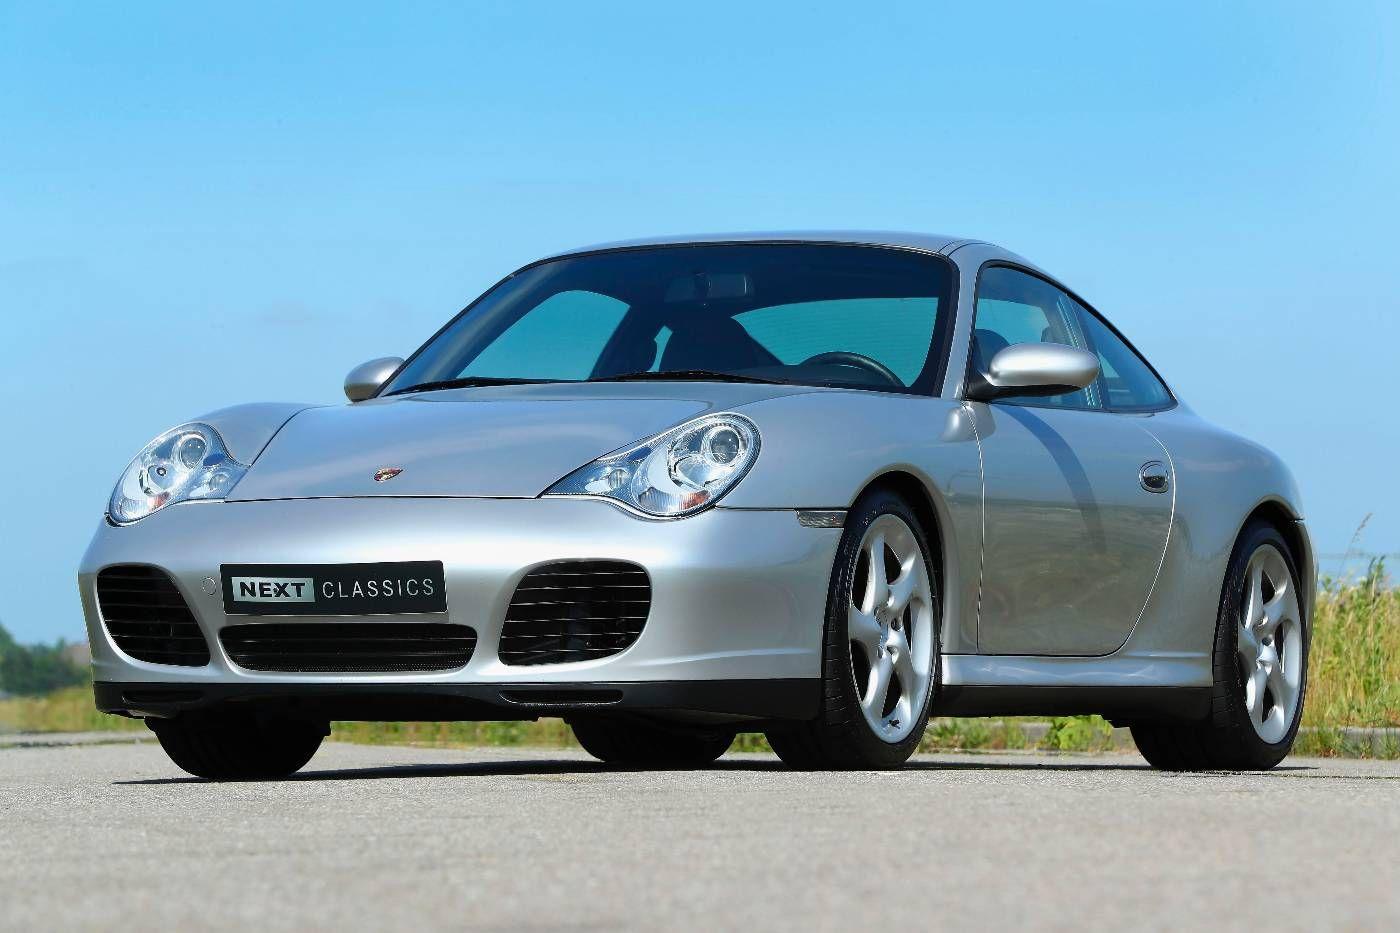 Pin By Mario On Porsche 996 Porsche 911 Carrera 4s Porsche Porsche 911